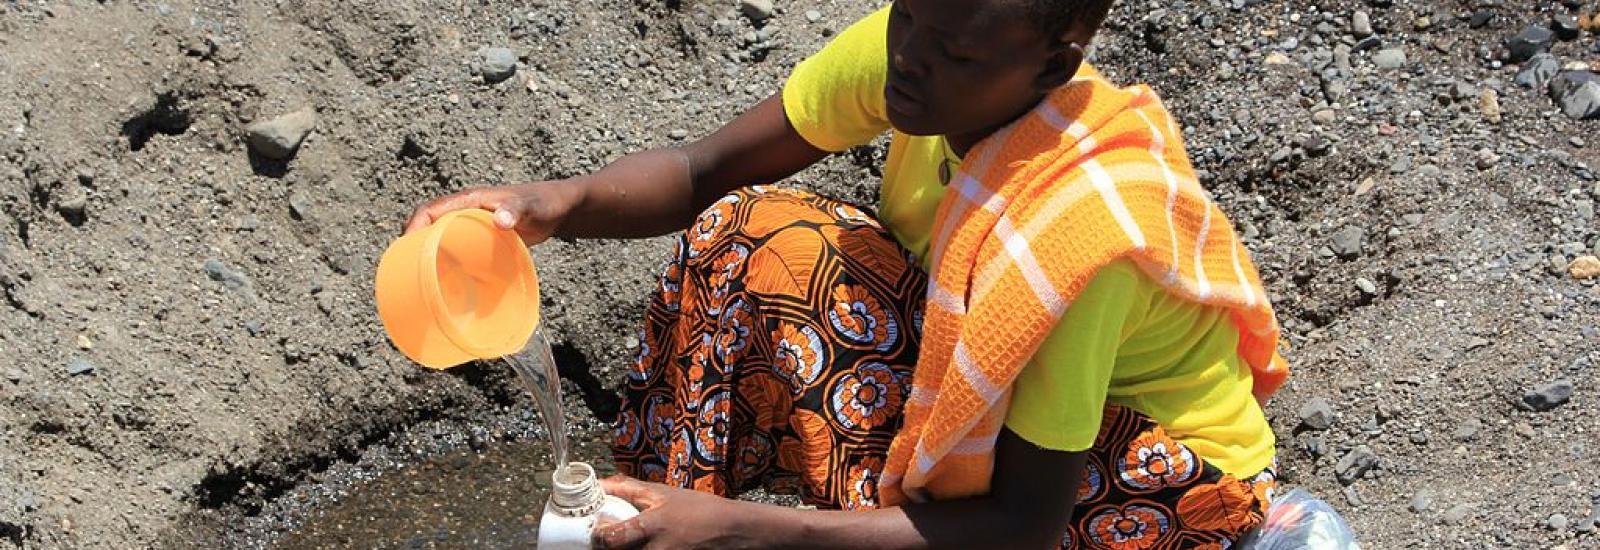 © DFID-UK Department for International Development